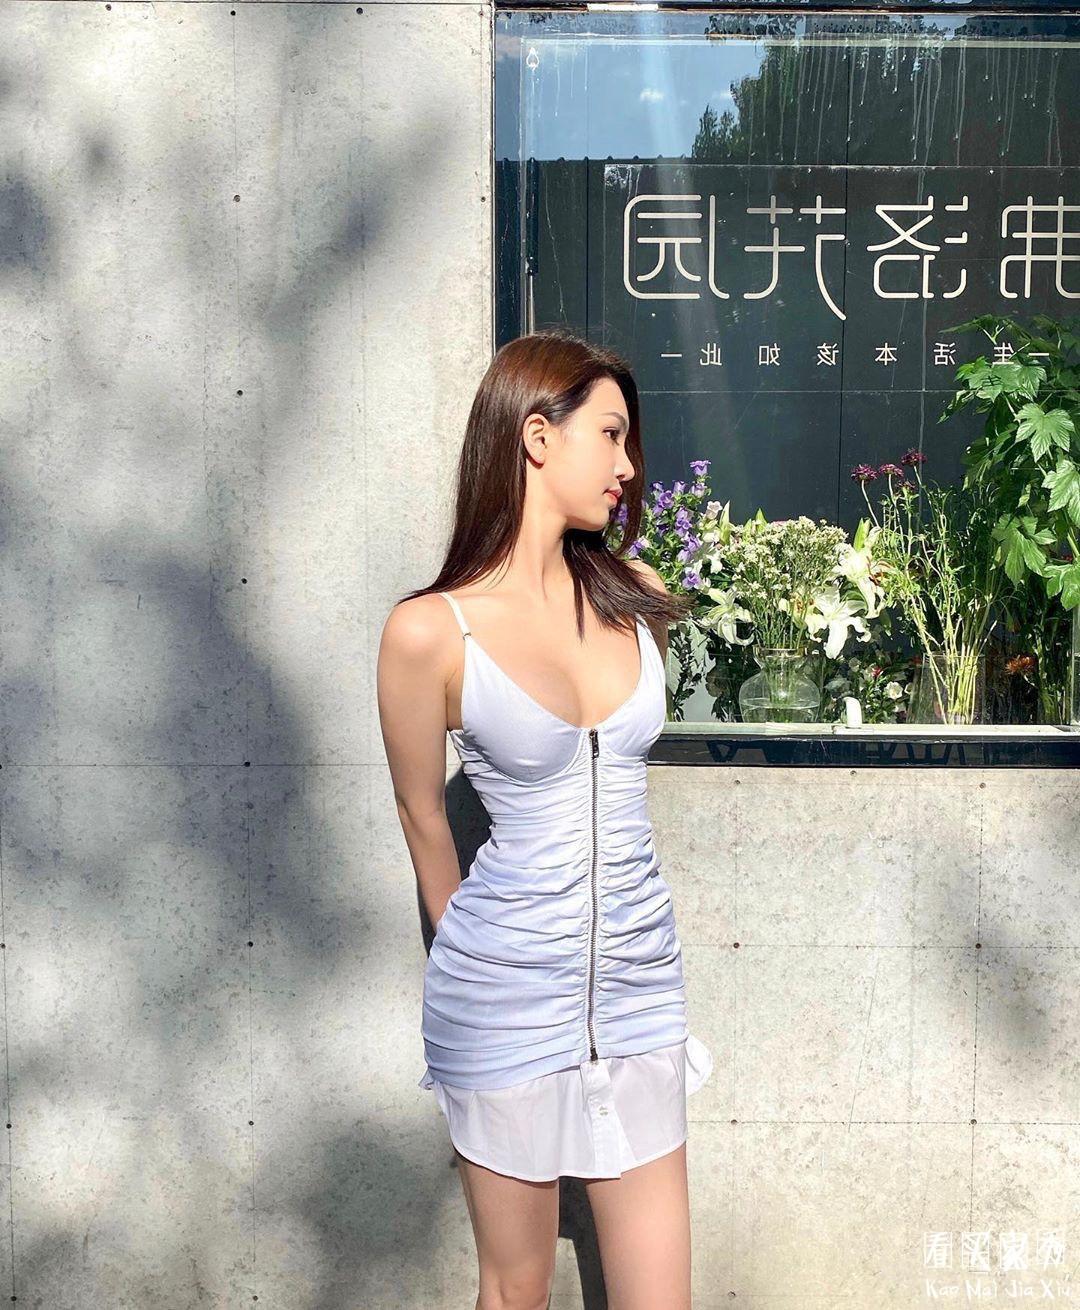 包臀吊带深V连衣裙买家秀,小胸这样穿秒变气质大胸妹